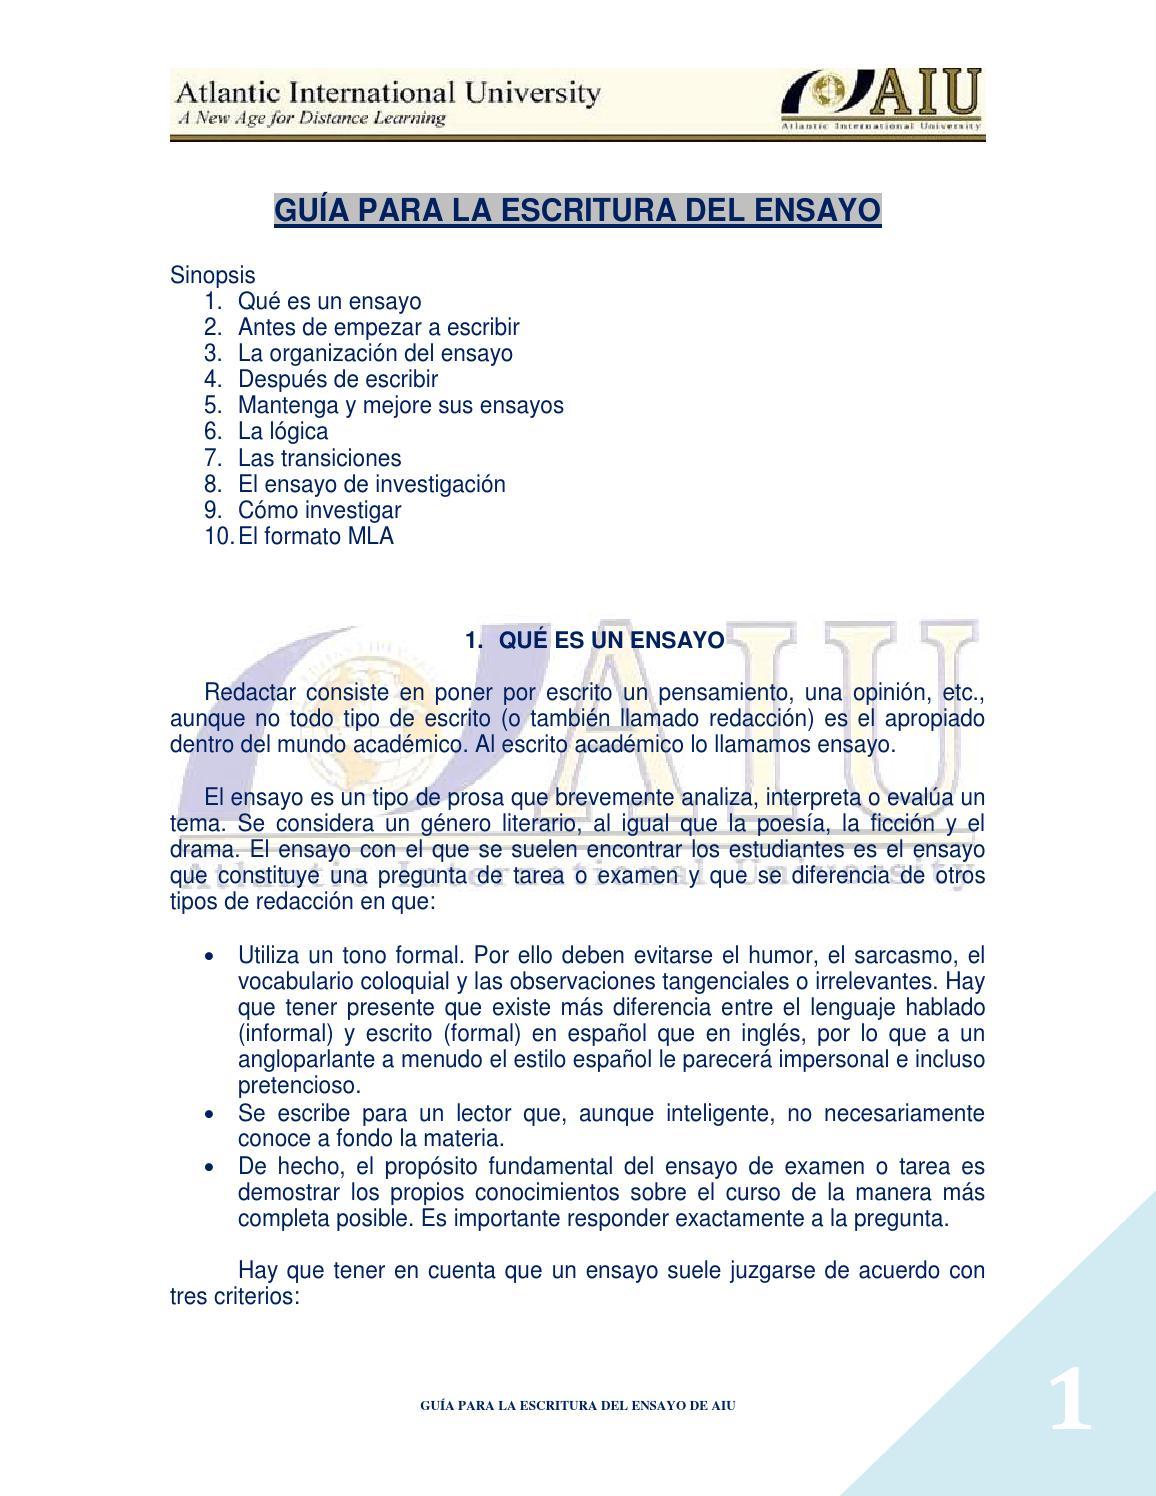 Guía para la escritura del ensayo by SFPU USAC - issuu